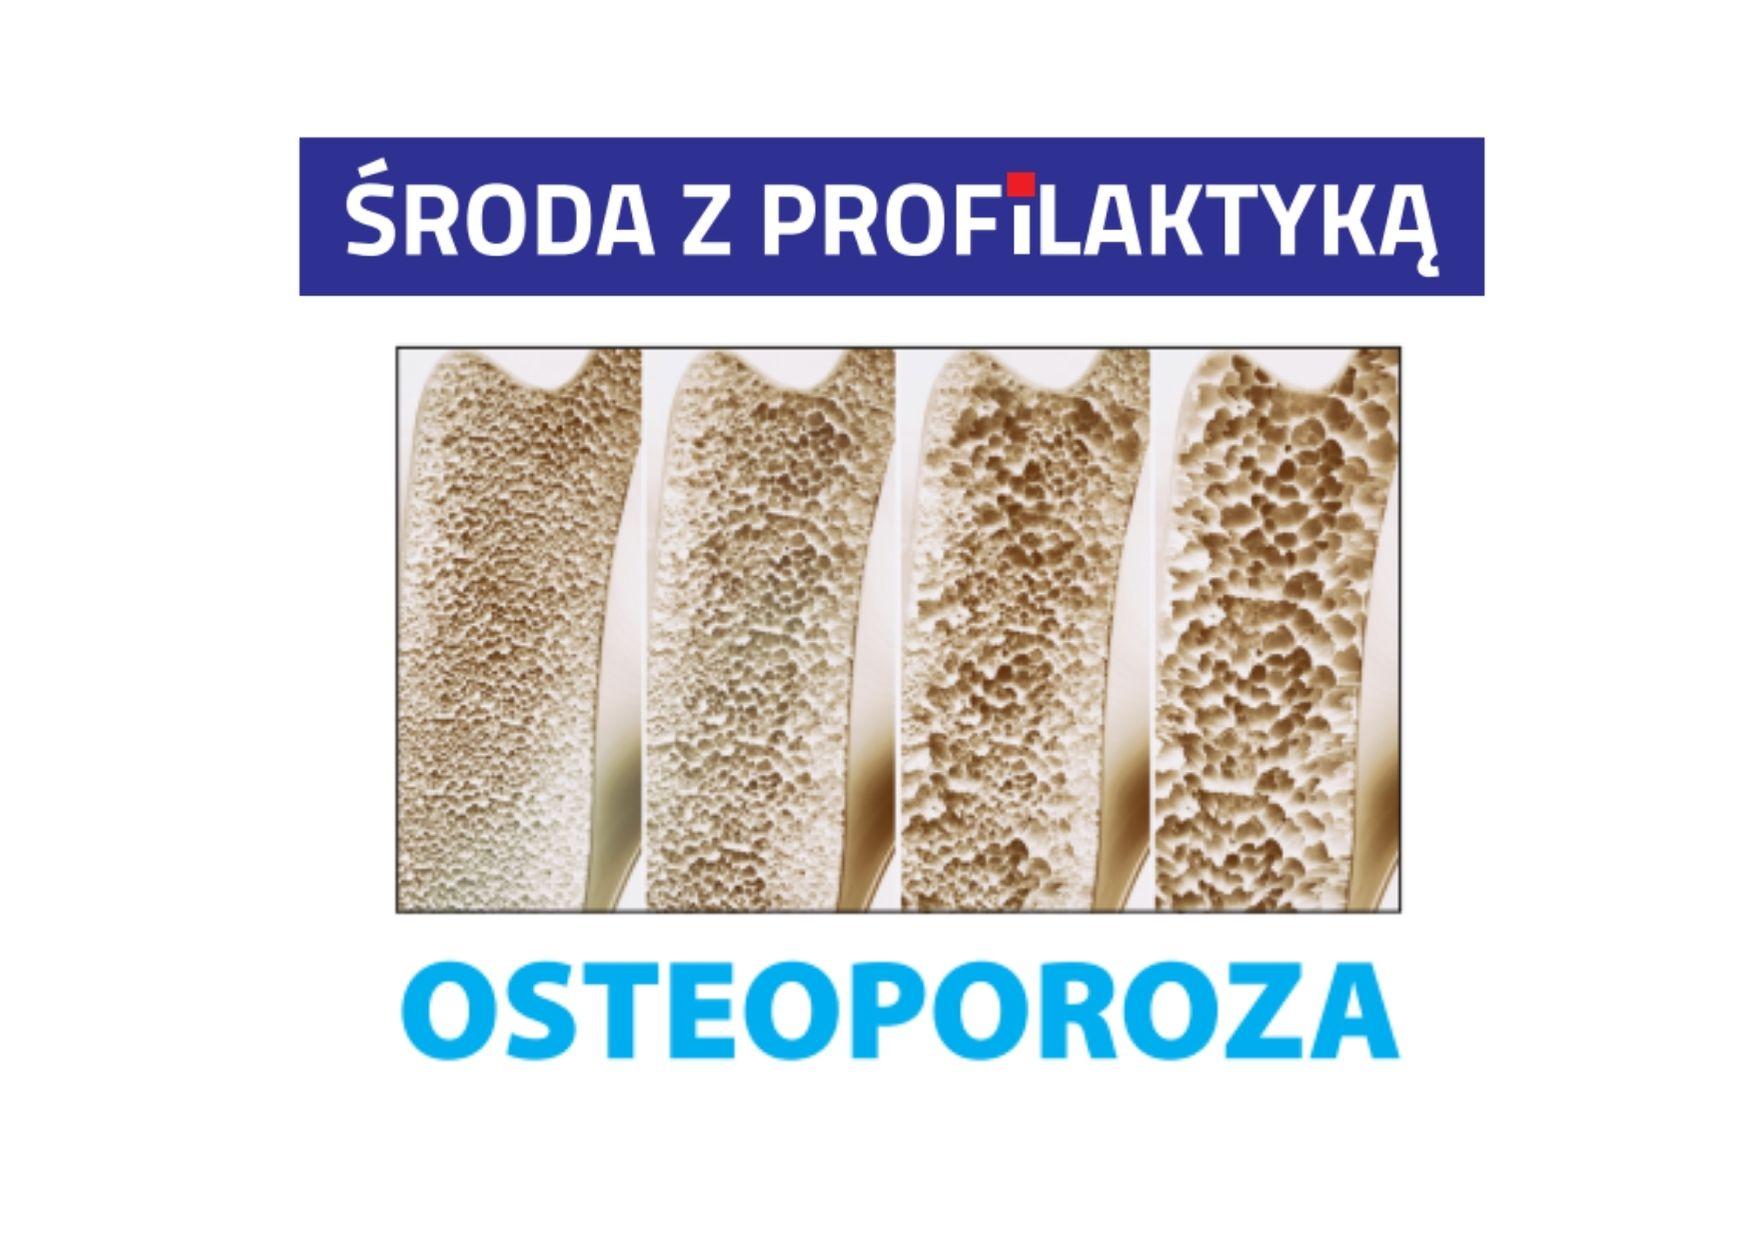 Ilustracja do informacji: Środa z profilaktyką - osteoporoza